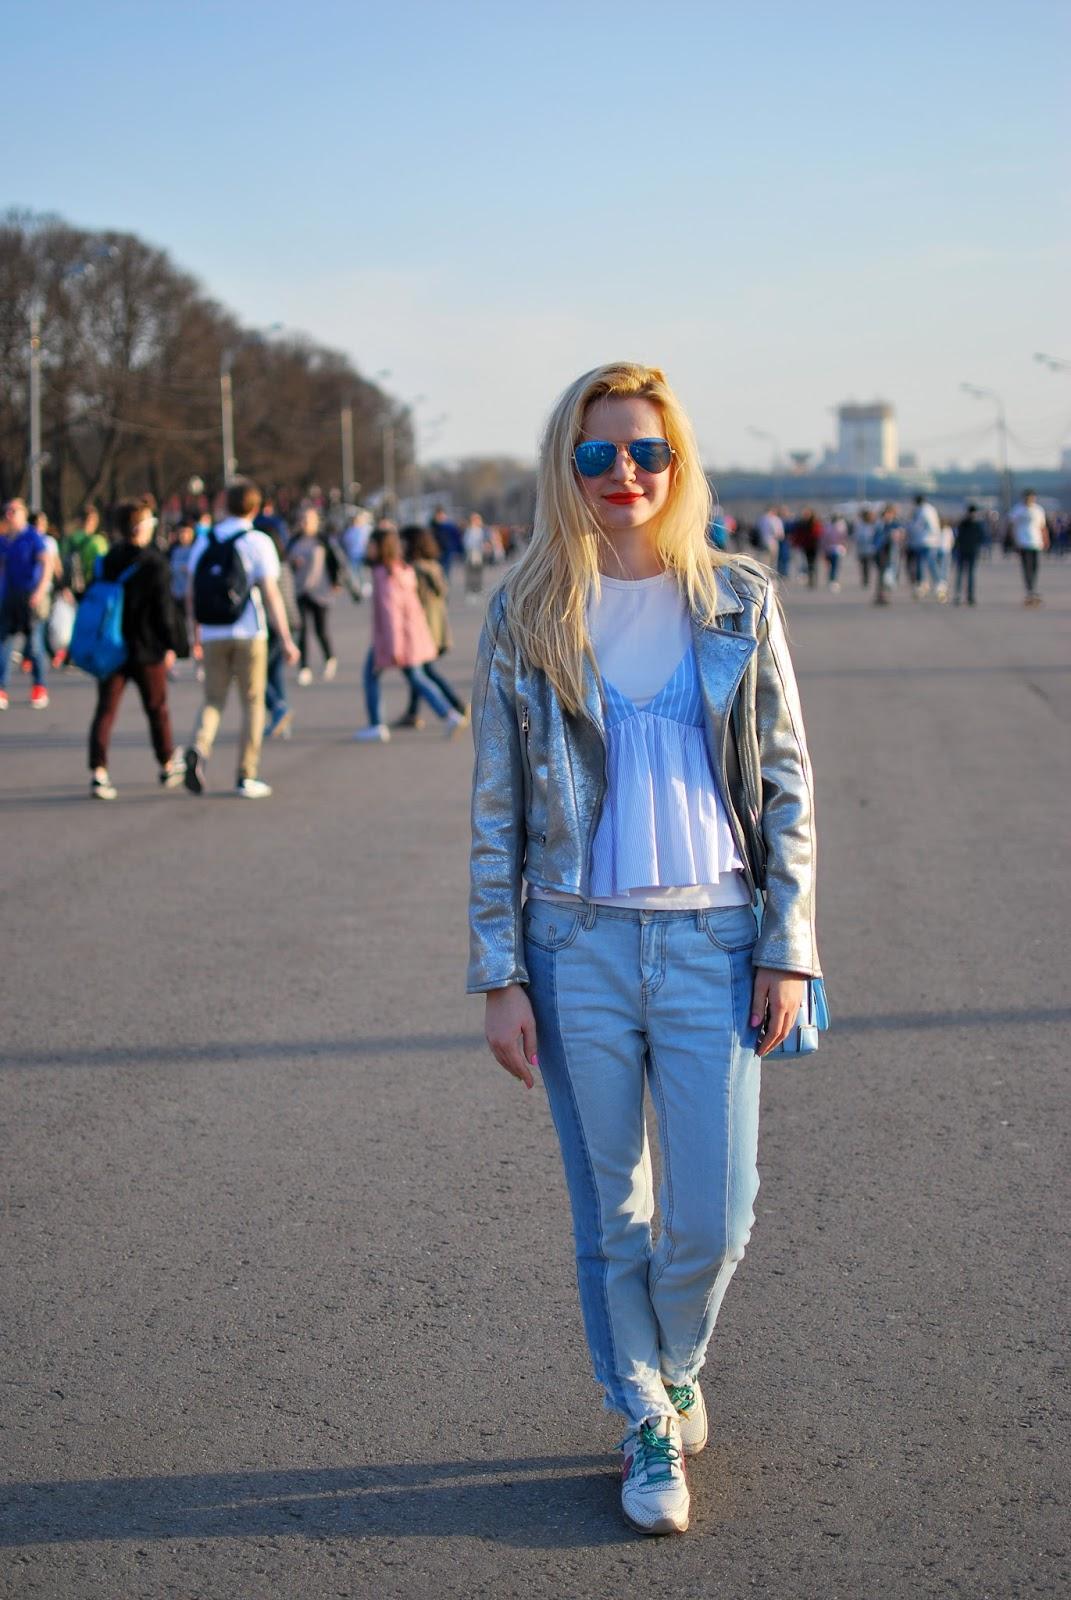 джинсы два цвета, модные джинсы, модные тенденции, модный тенденция,